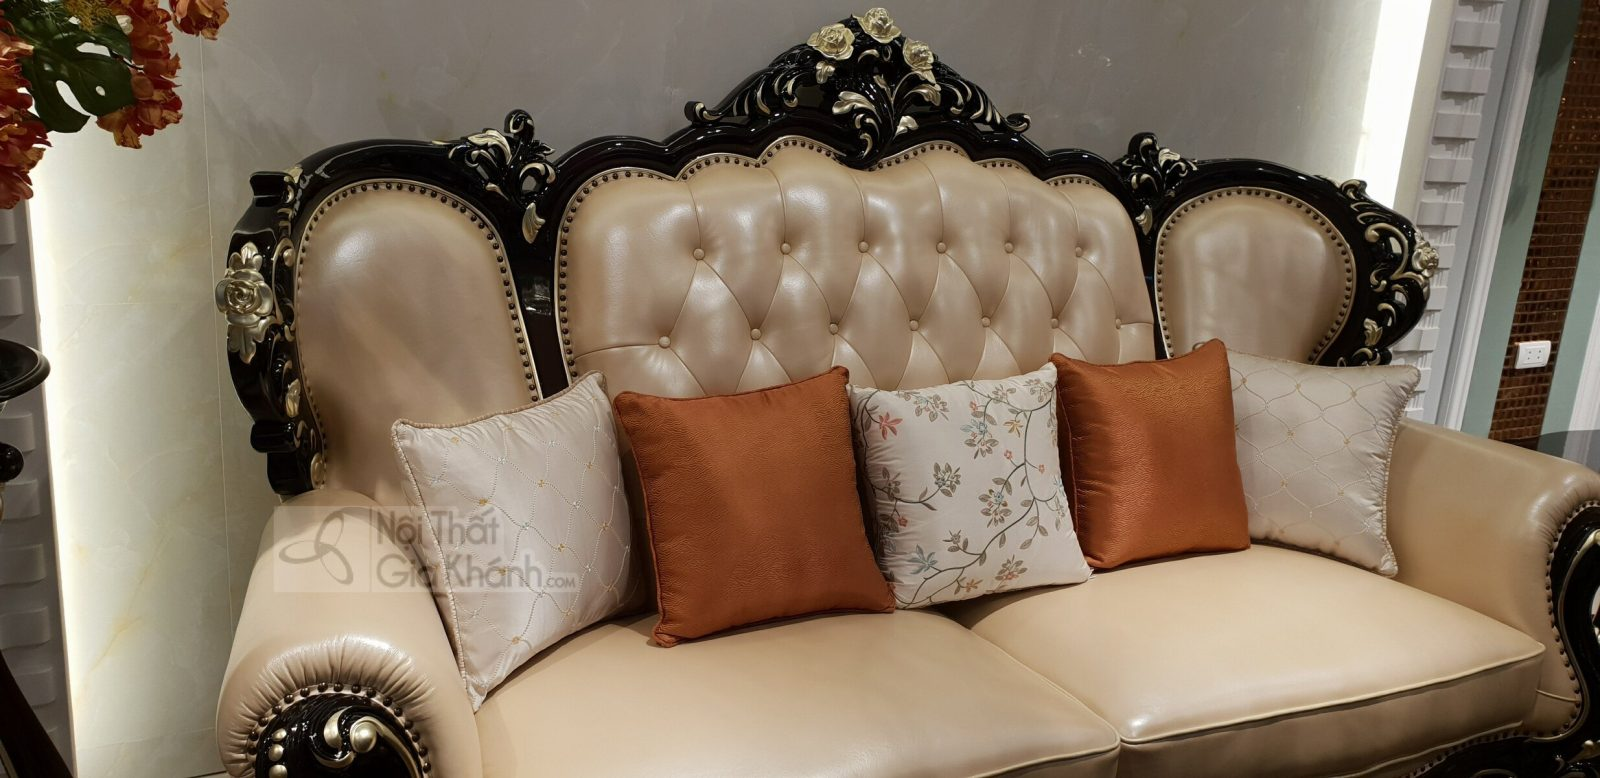 Bộ sofa da thật nhập khẩu phong cách cổ điển hoàng gia G955SF - sofa G955SF 9